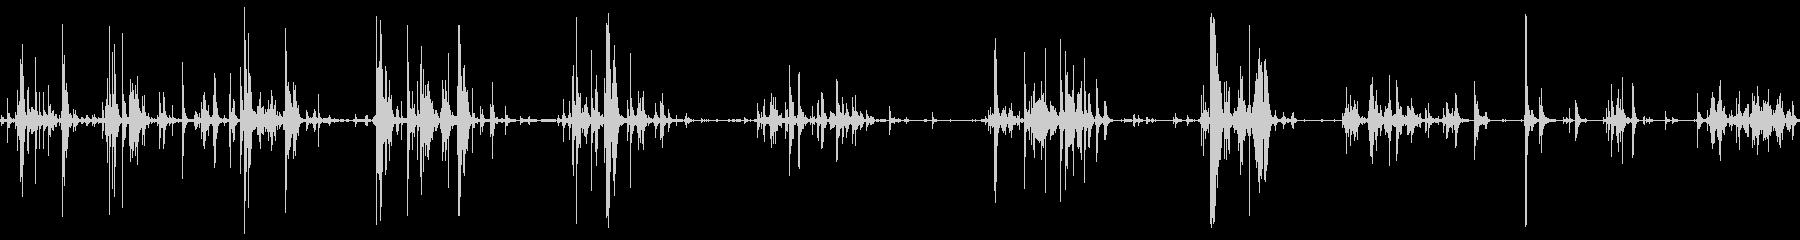 静かなチェーンメタルムーブメントの未再生の波形